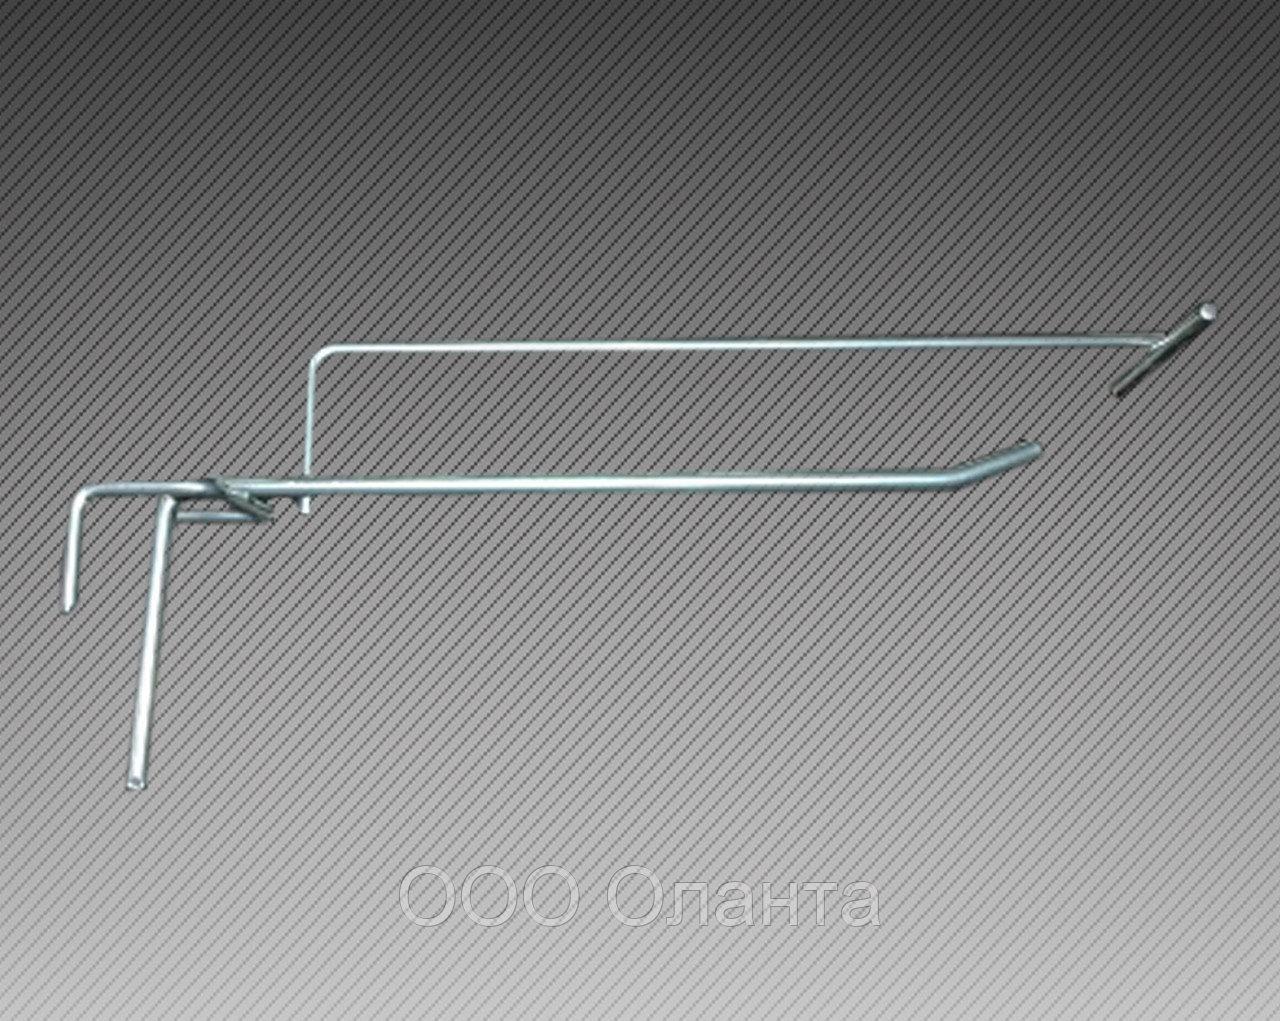 Крючок одинарный с держателем ценника (L-100 мм) э/панель,сетка,перфорация